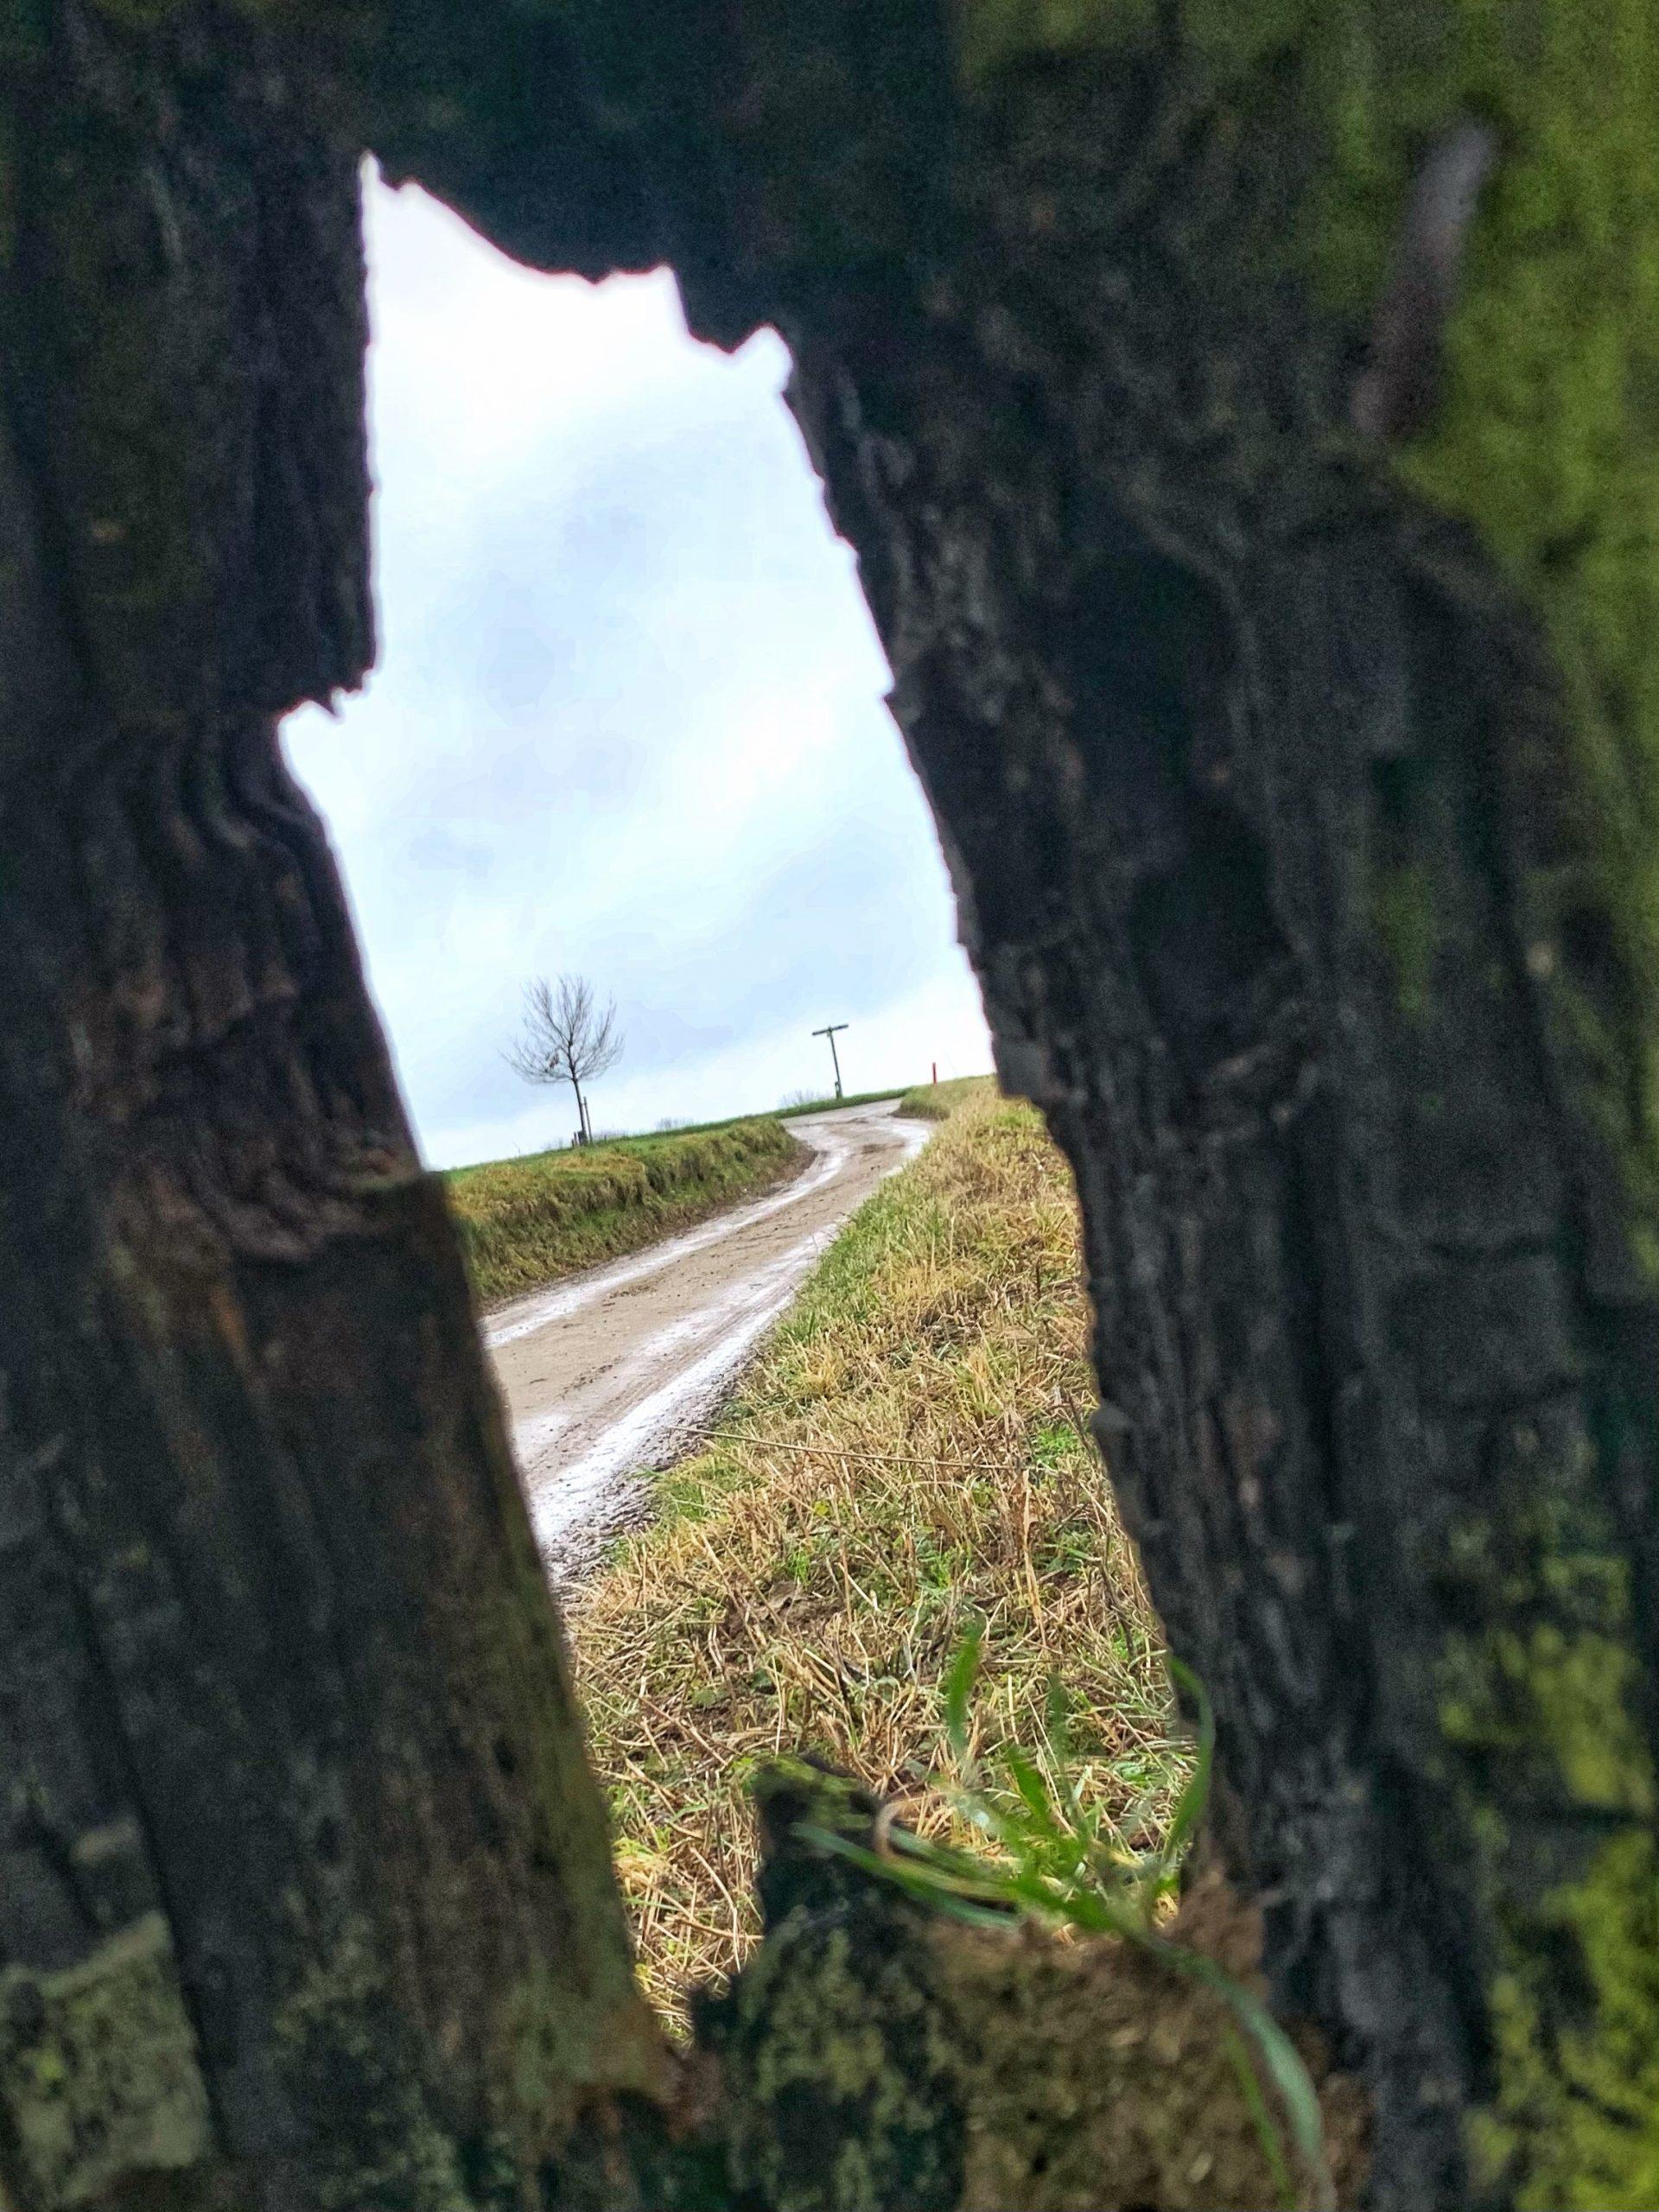 cammino della fortuna dag 6 natuur als spiegel